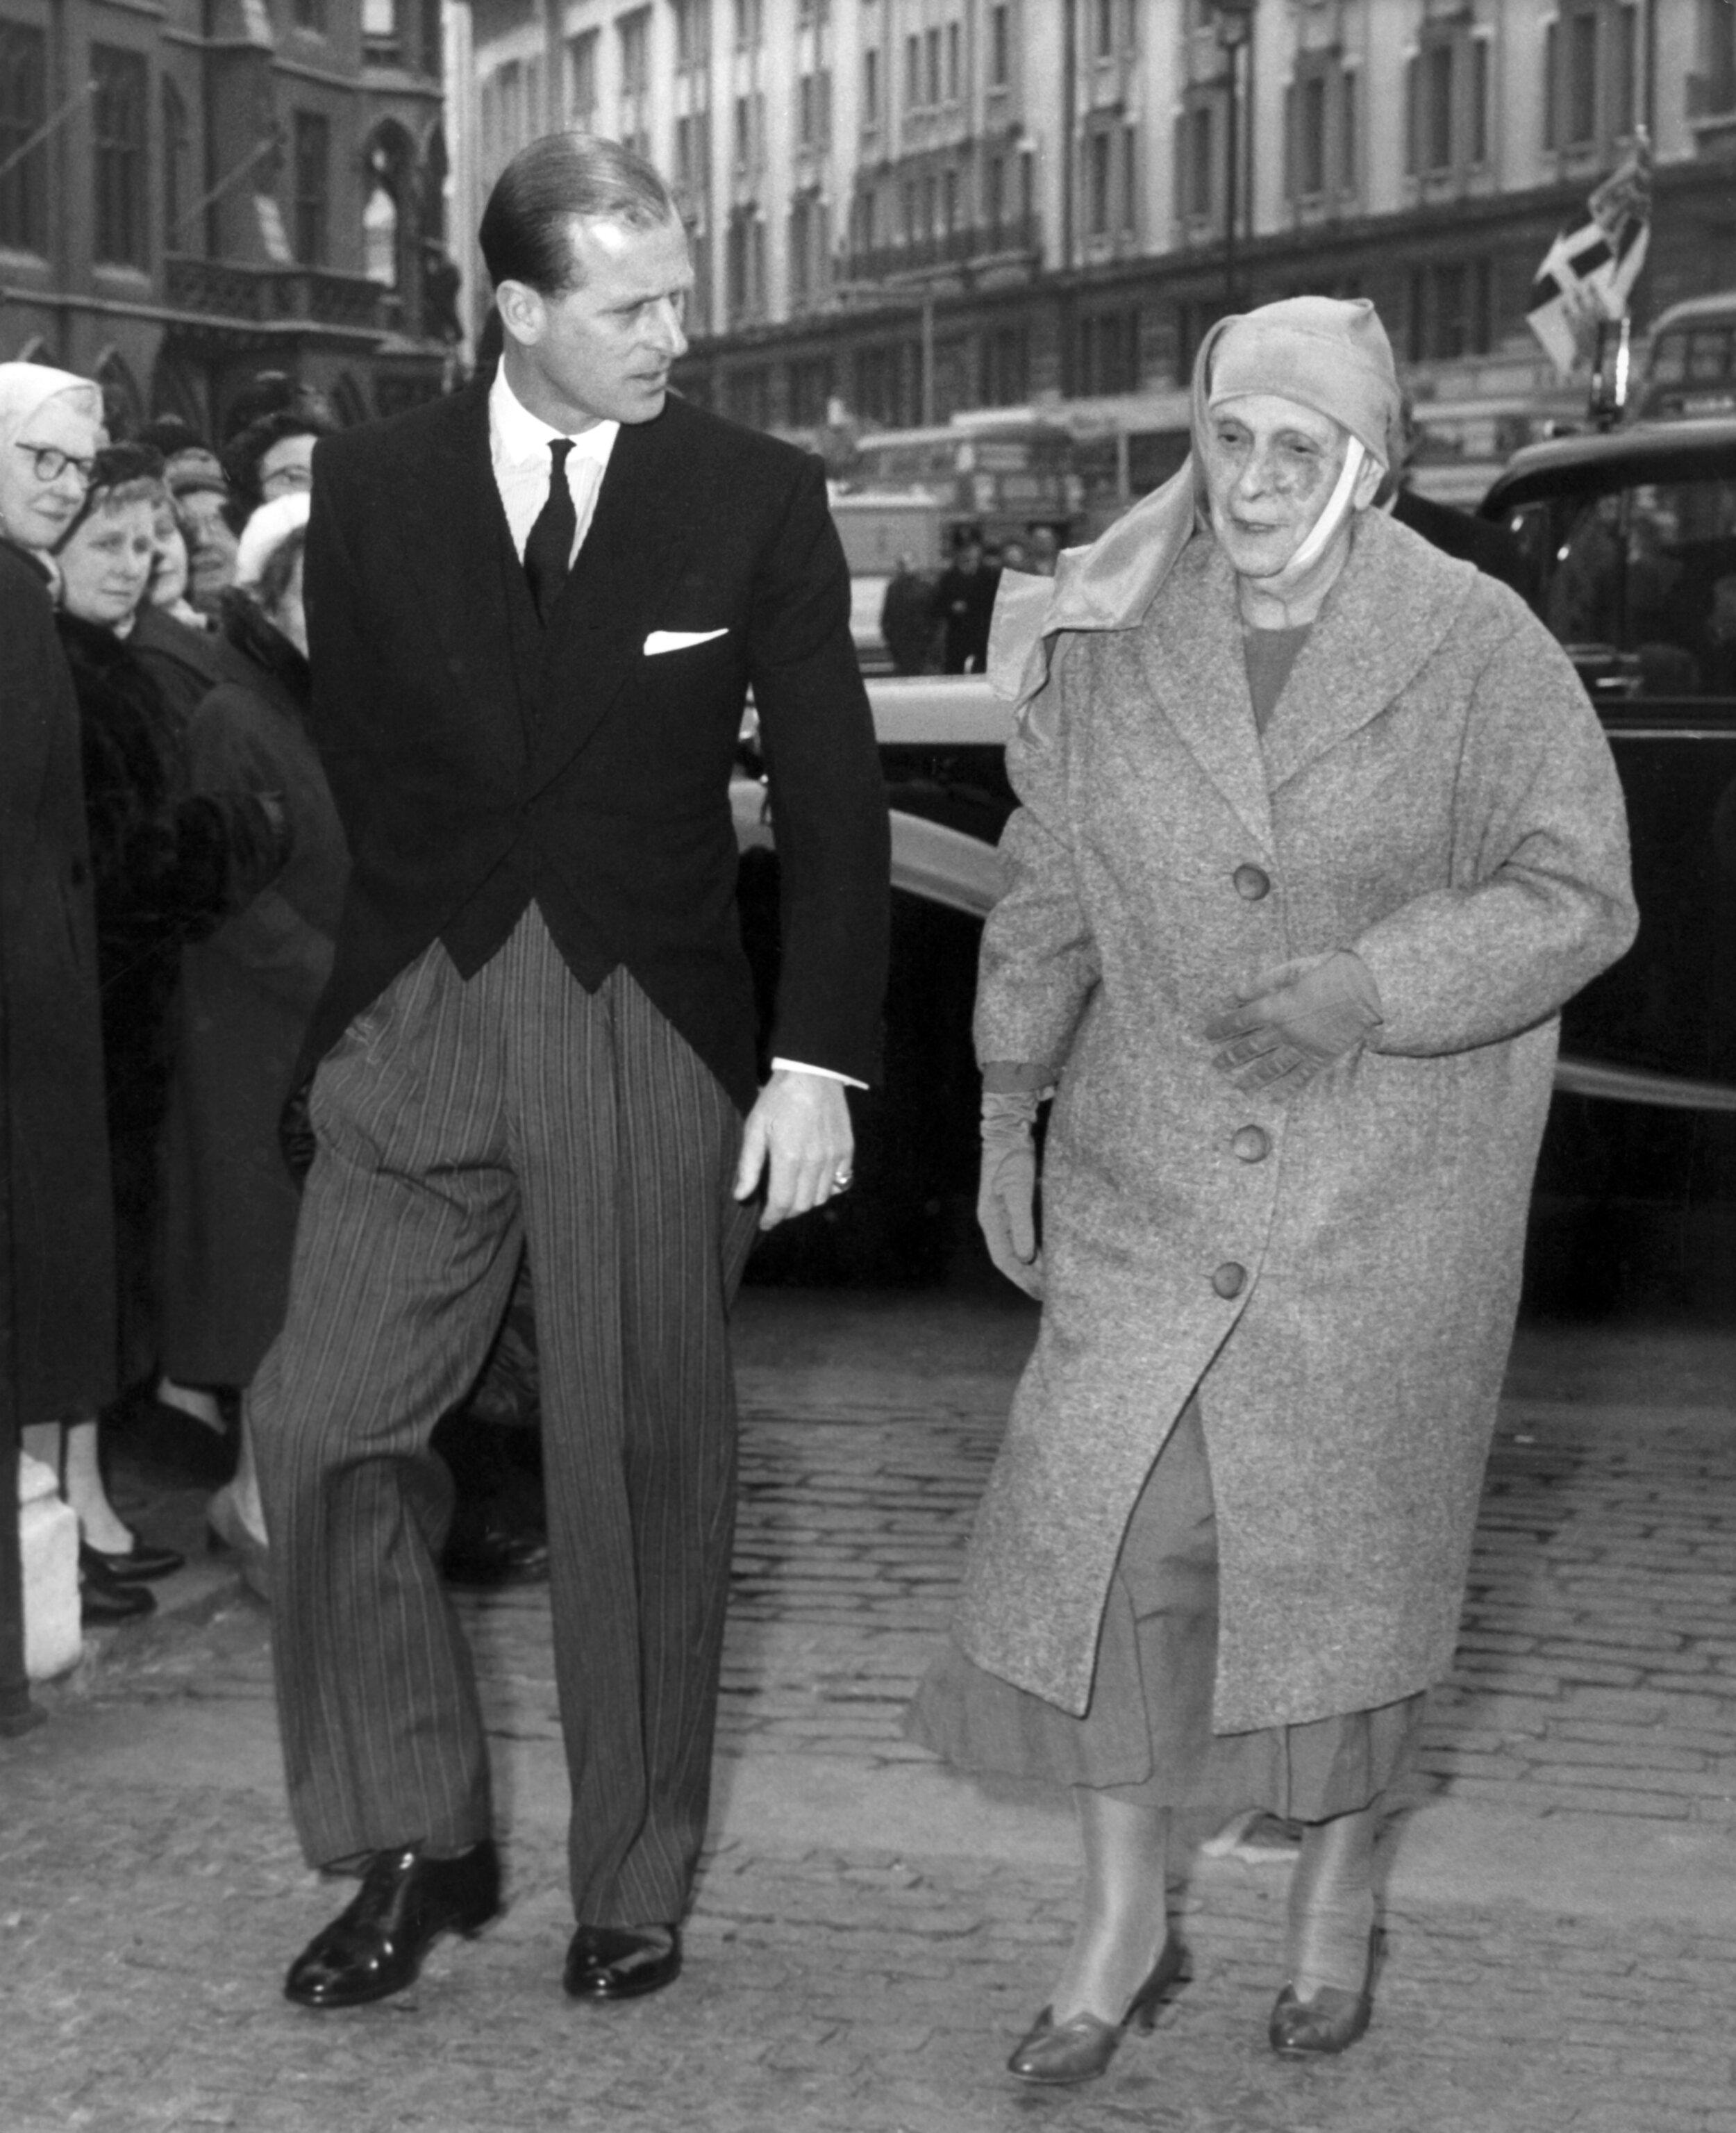 1948 legte Alice von Battenberg ihren Titel ab und gründete in Griechenland den Nonnenorden Maria und Martha. 1967 zwang sie ein Militärputsch dazu, das Land zu verlassen. Sie zog schließlich zu Prinz Philip und Queen Elizabeth in den Buckingham Palace. Am 5. Dezember 1969 starb sie im Alter von 84 Jahren. © dpa - Report